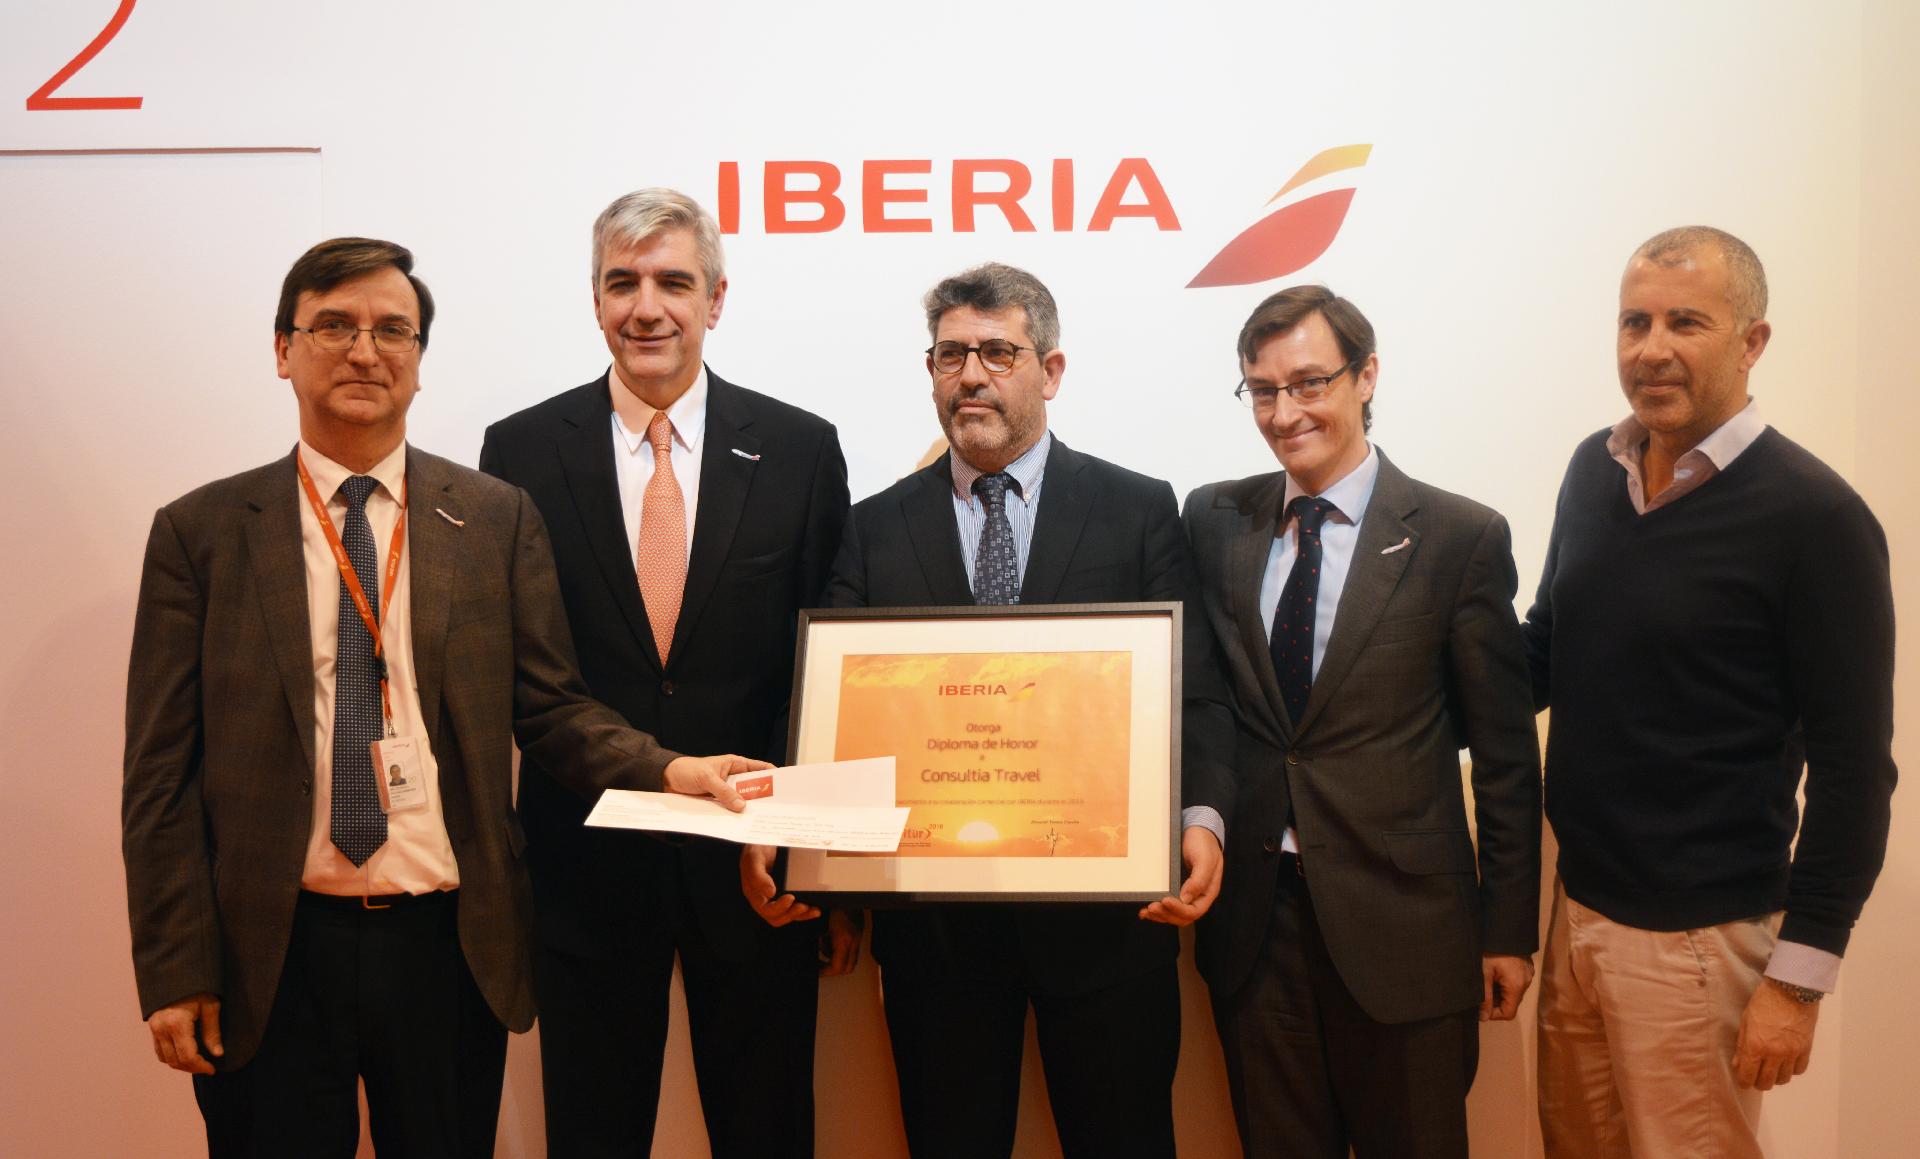 Consultia Travel Premiada Por Iberia Como Agencia Con